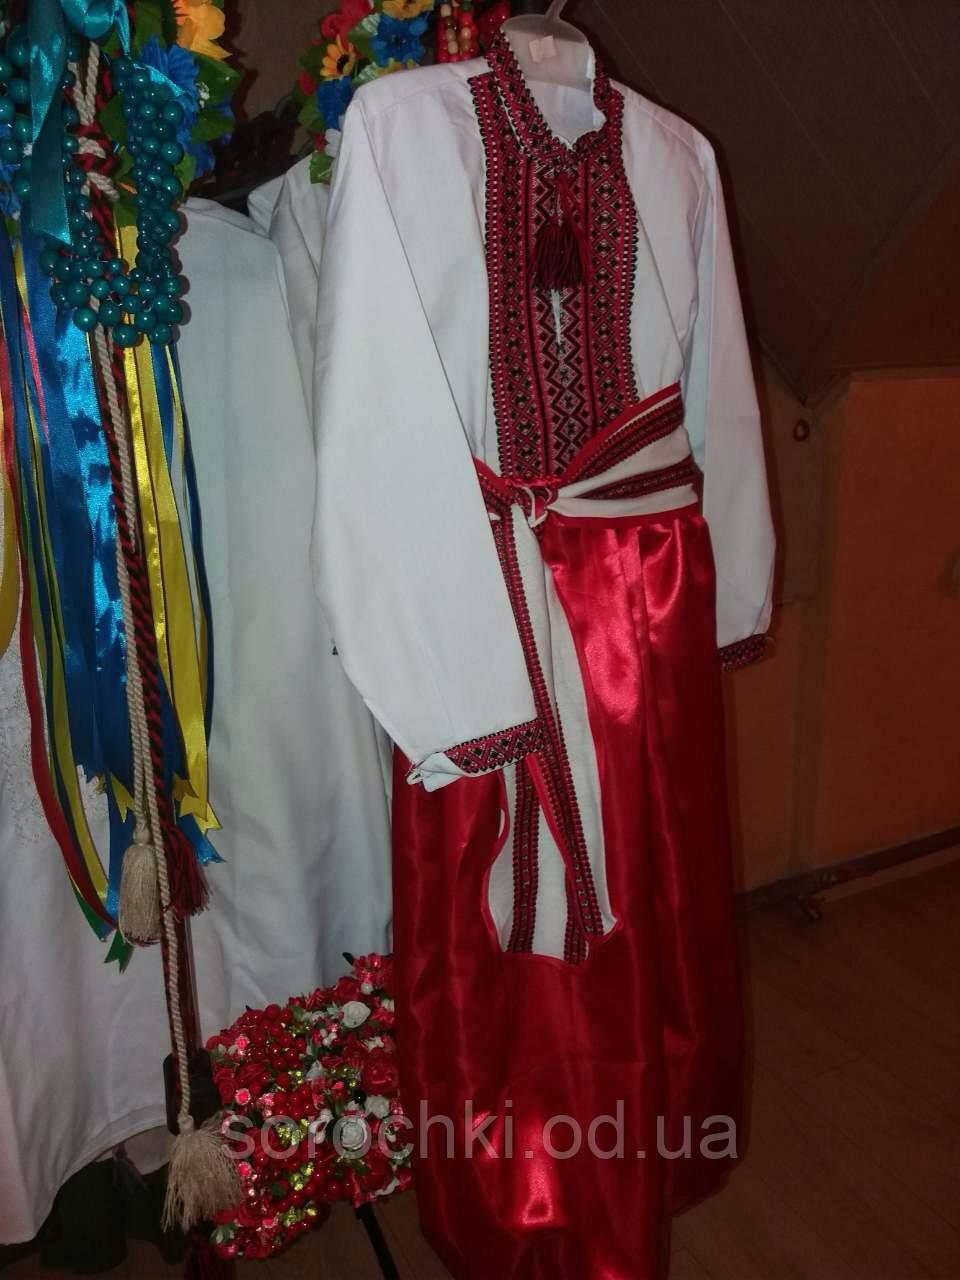 Костюм украинского казака, детский,  для мальчика , двойка , сорочка белая-поплин, шаровары-шелк, прокат